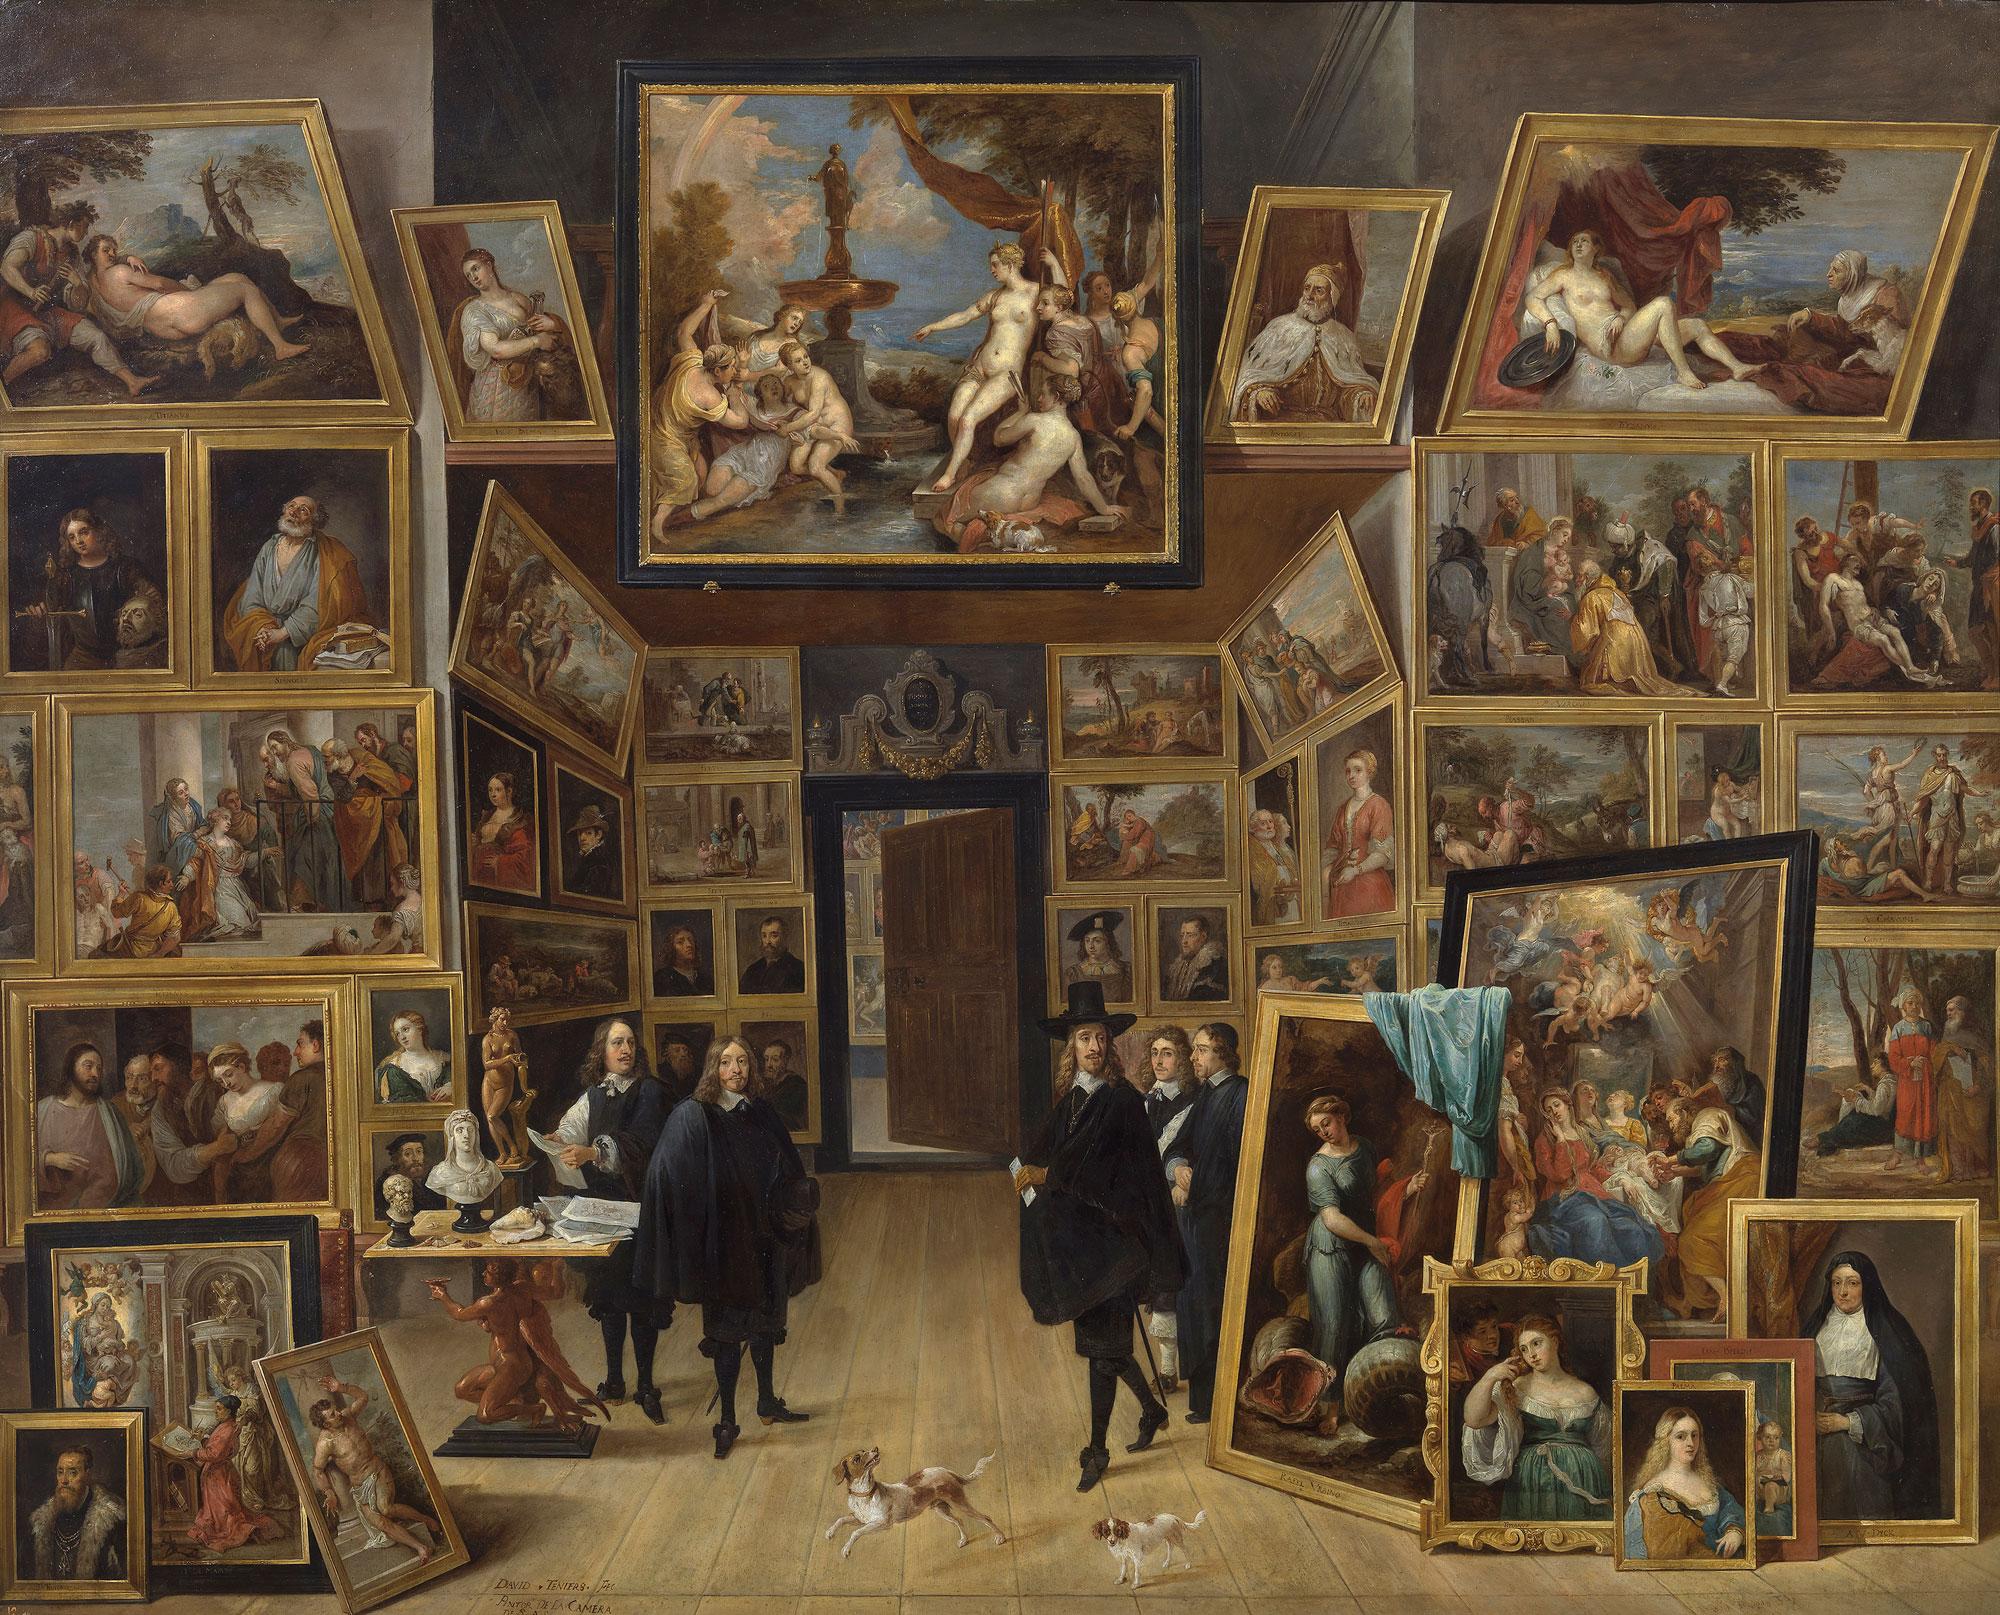 1. David Teniers il giovane, L'arciduca Leopoldo Guglielmo nella sua Galleria, Madrid, Museo del Prado